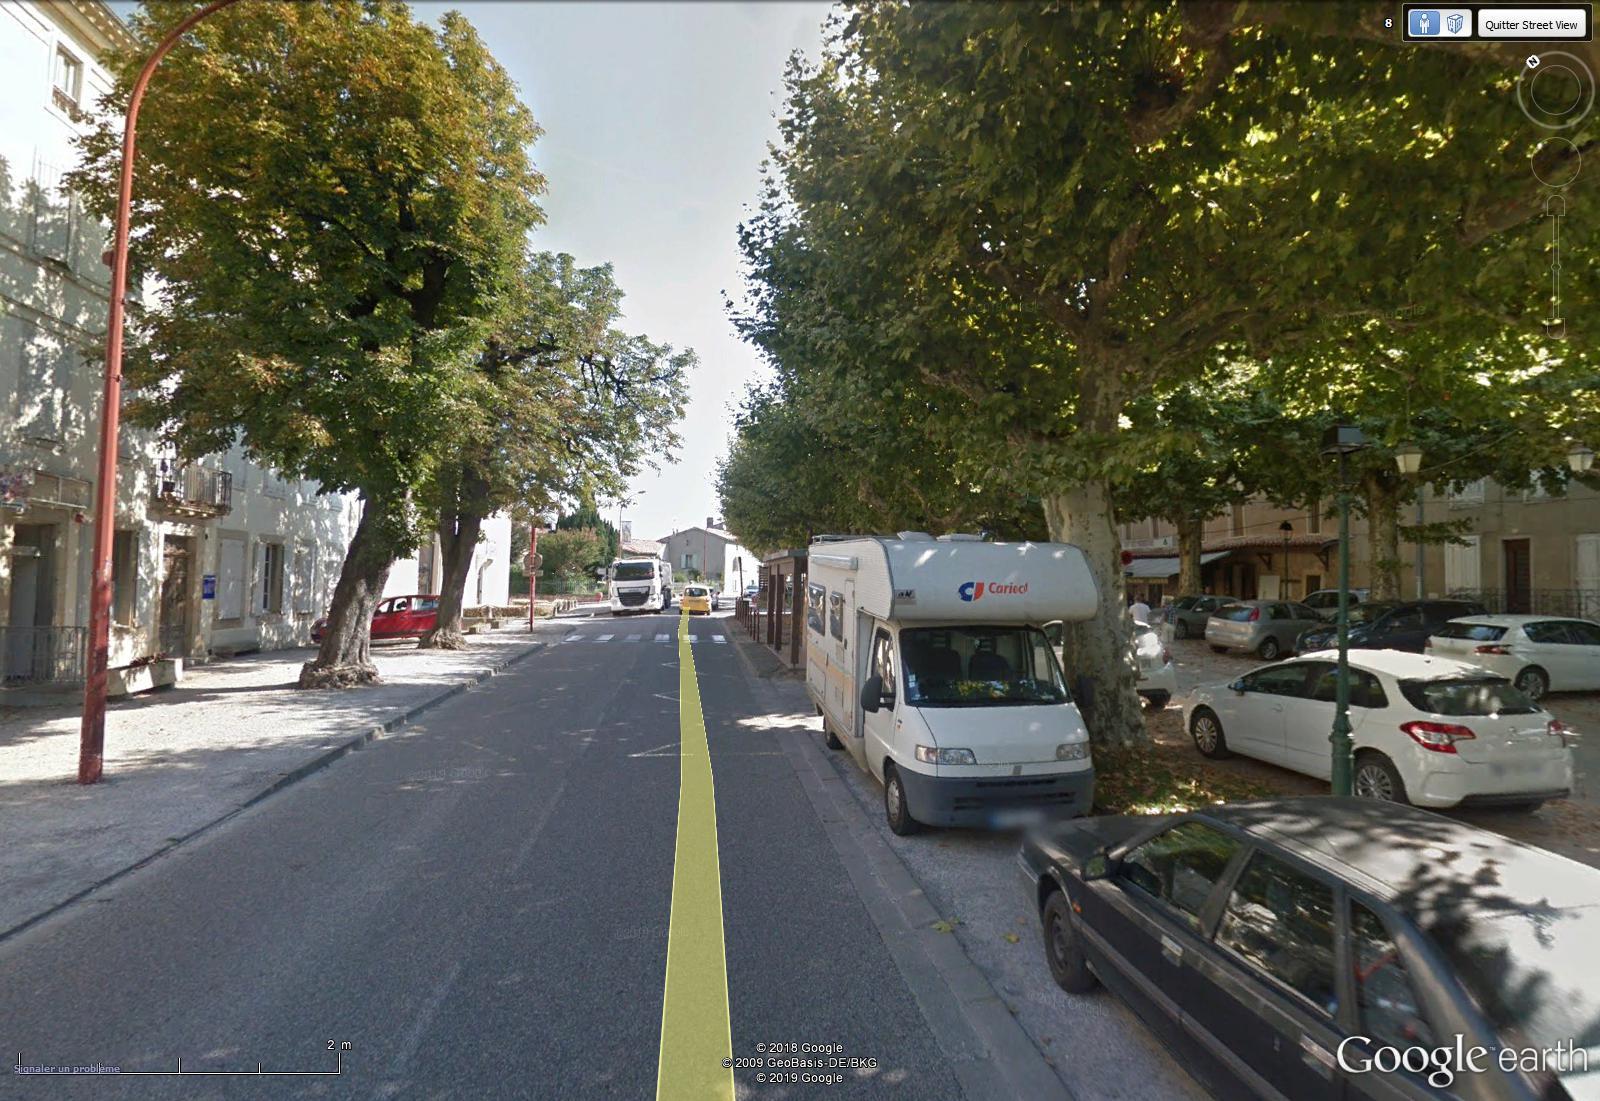 [résolu] Enlever cette fichue ligne jaune en street view - Page 2 Essai_14